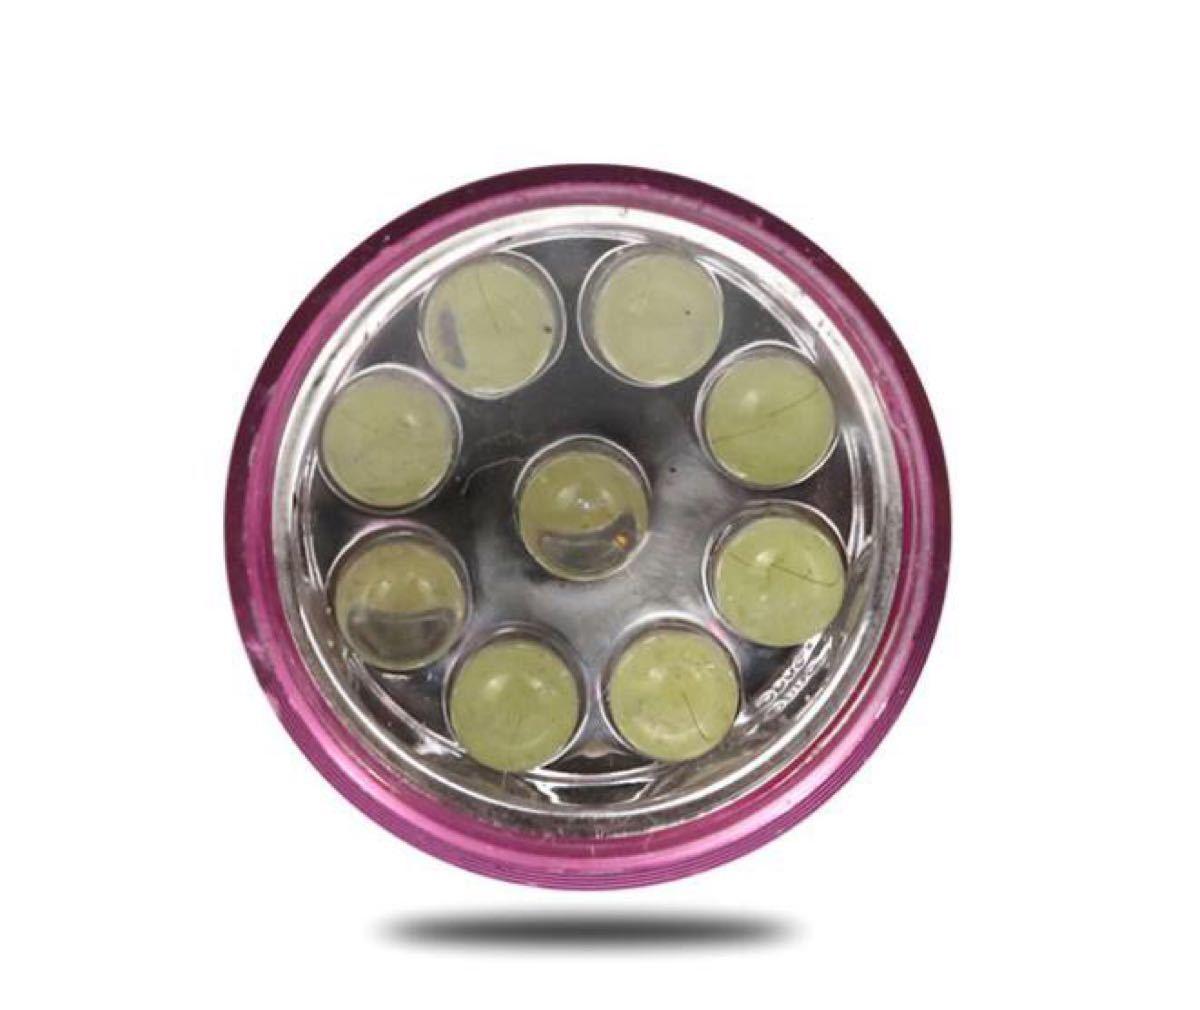 コンパクト ジェルネイルライト ペン型 LEDライト ジェルネイル ネイル レジン クラフト用 UVライト